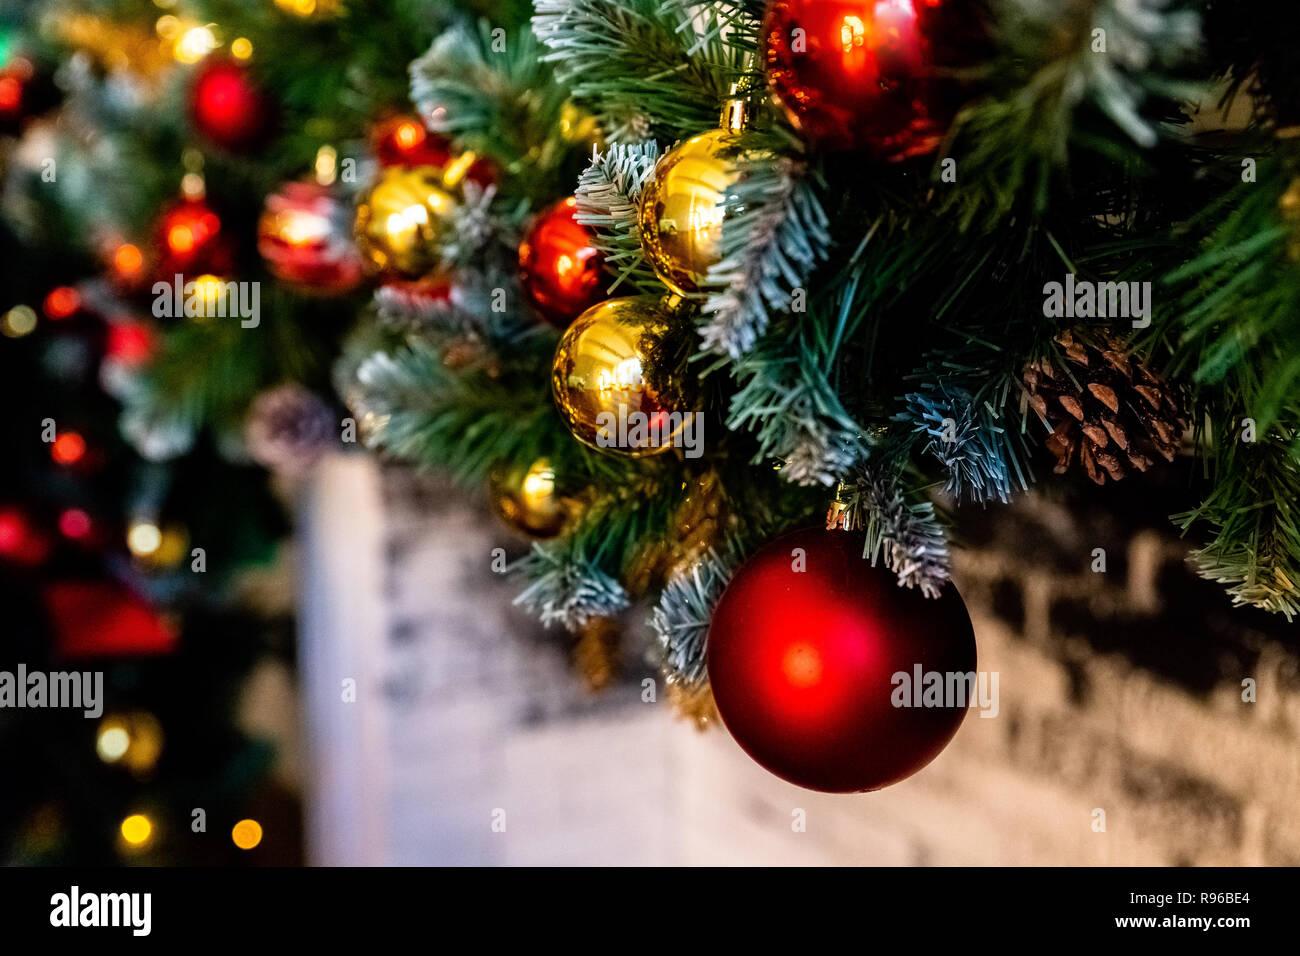 Schleifen Weihnachtsbaum.Weihnachten Kamin Weihnachtsbeleuchtung Dekoration äste